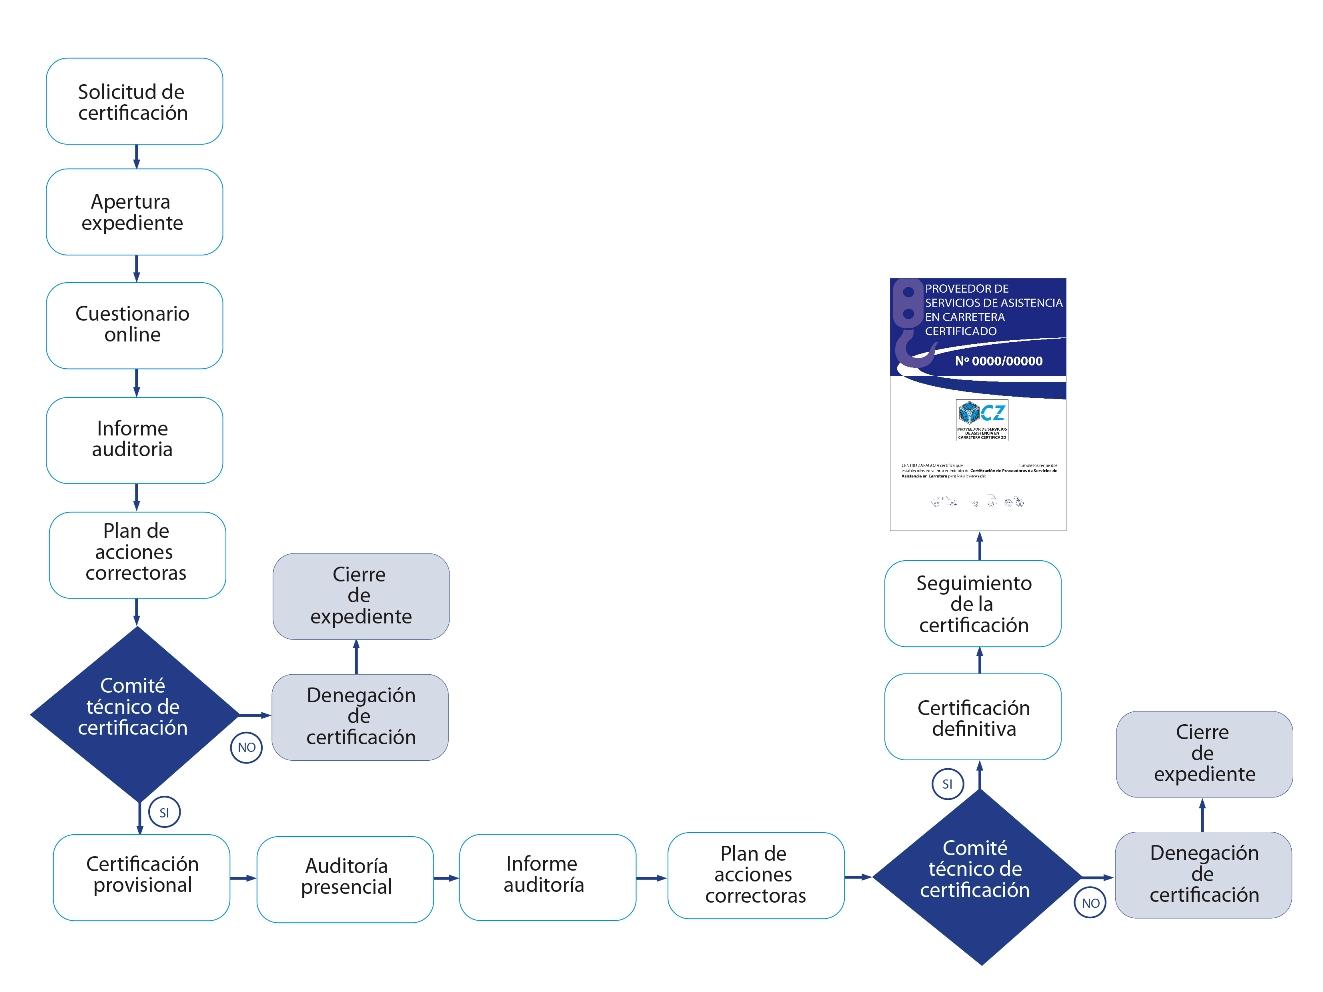 El proceso de Certificación comienza cuando el proveedor cumplimenta la